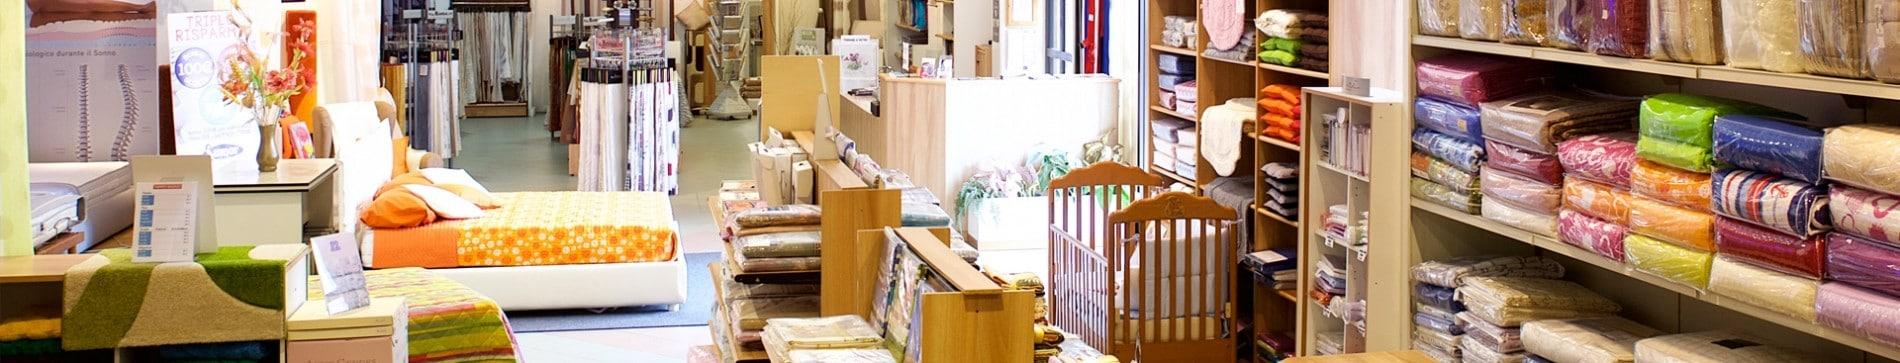 materassi roma sezione prodotti